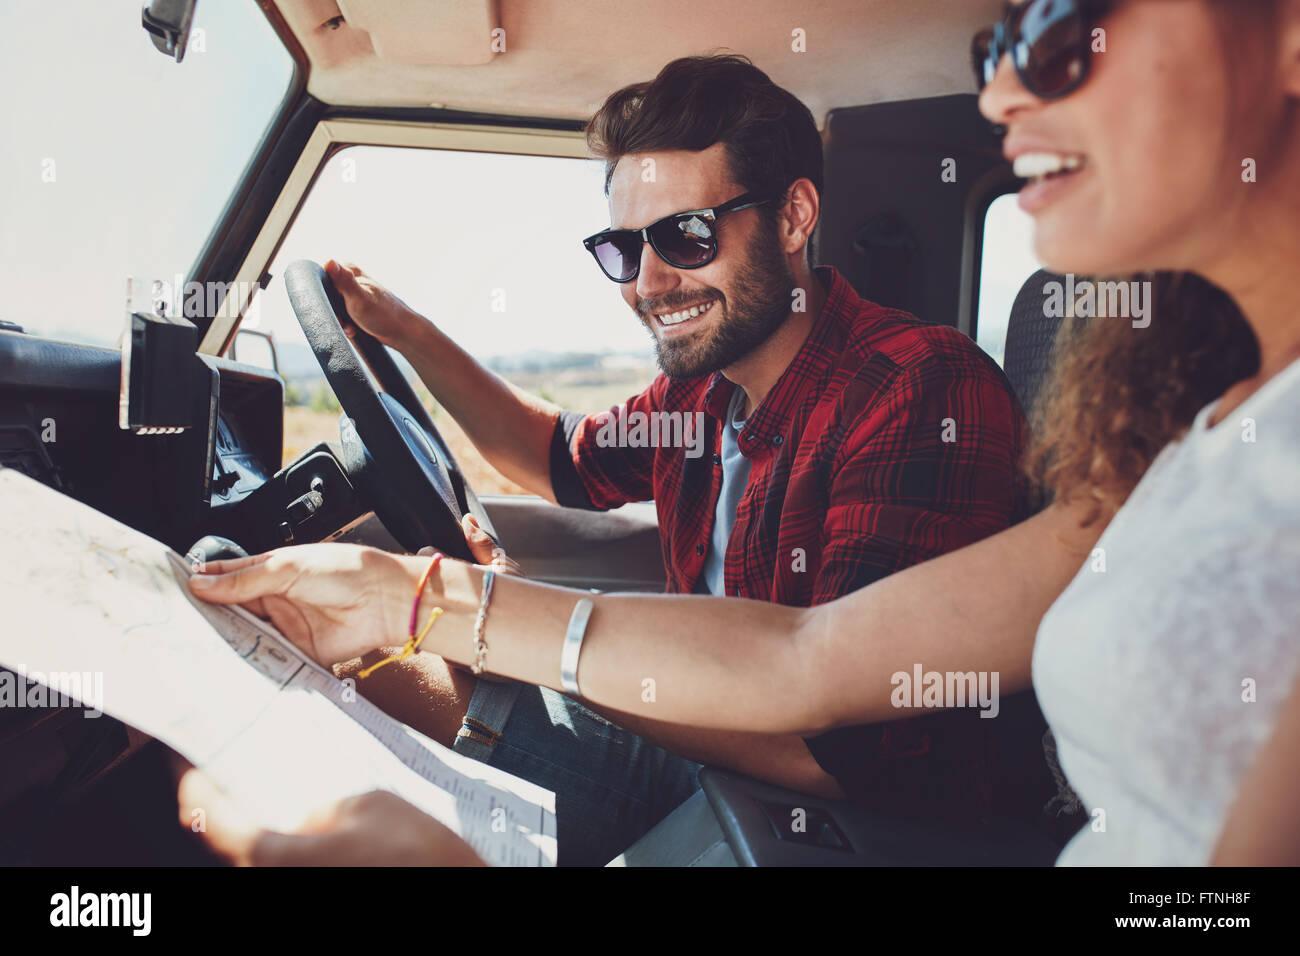 Jeune homme conduisant la voiture avec femme tenant une feuille de route. Jeune couple on road trip. Photo Stock